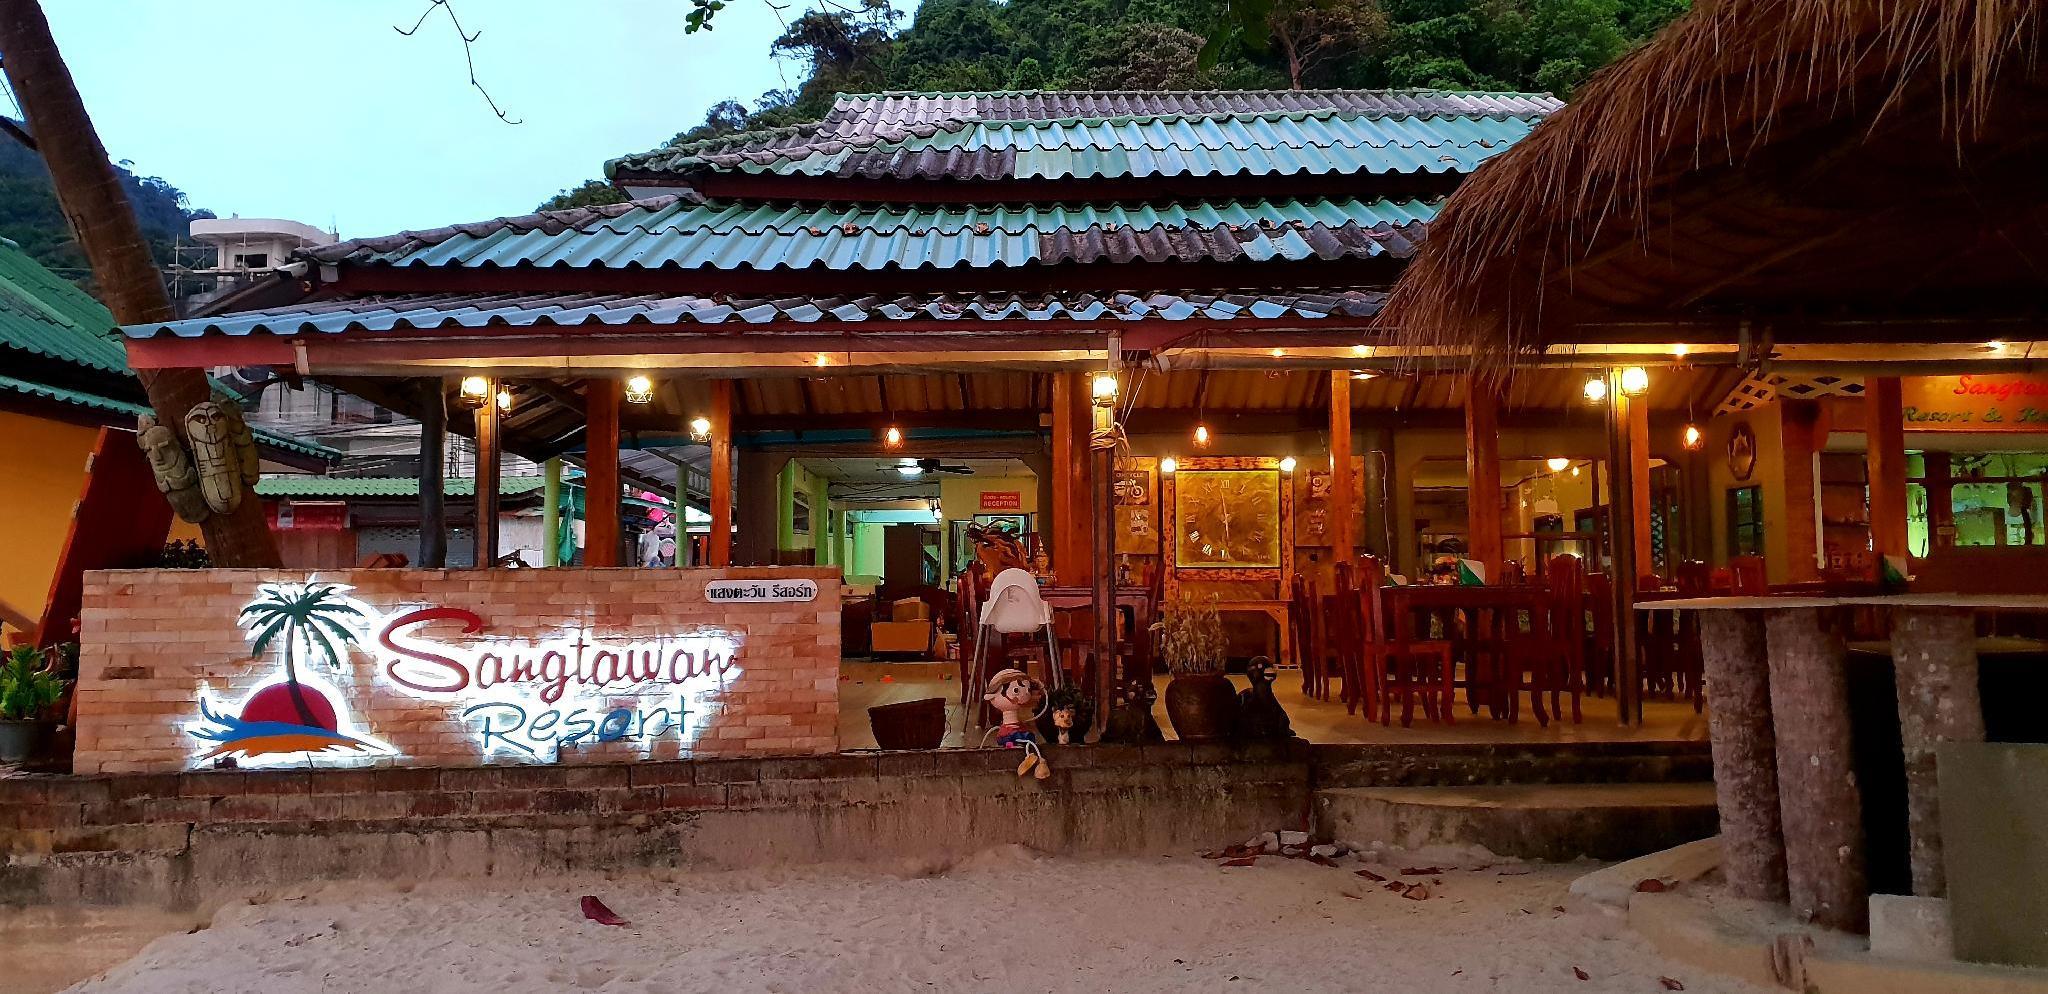 Sangtawan Resort